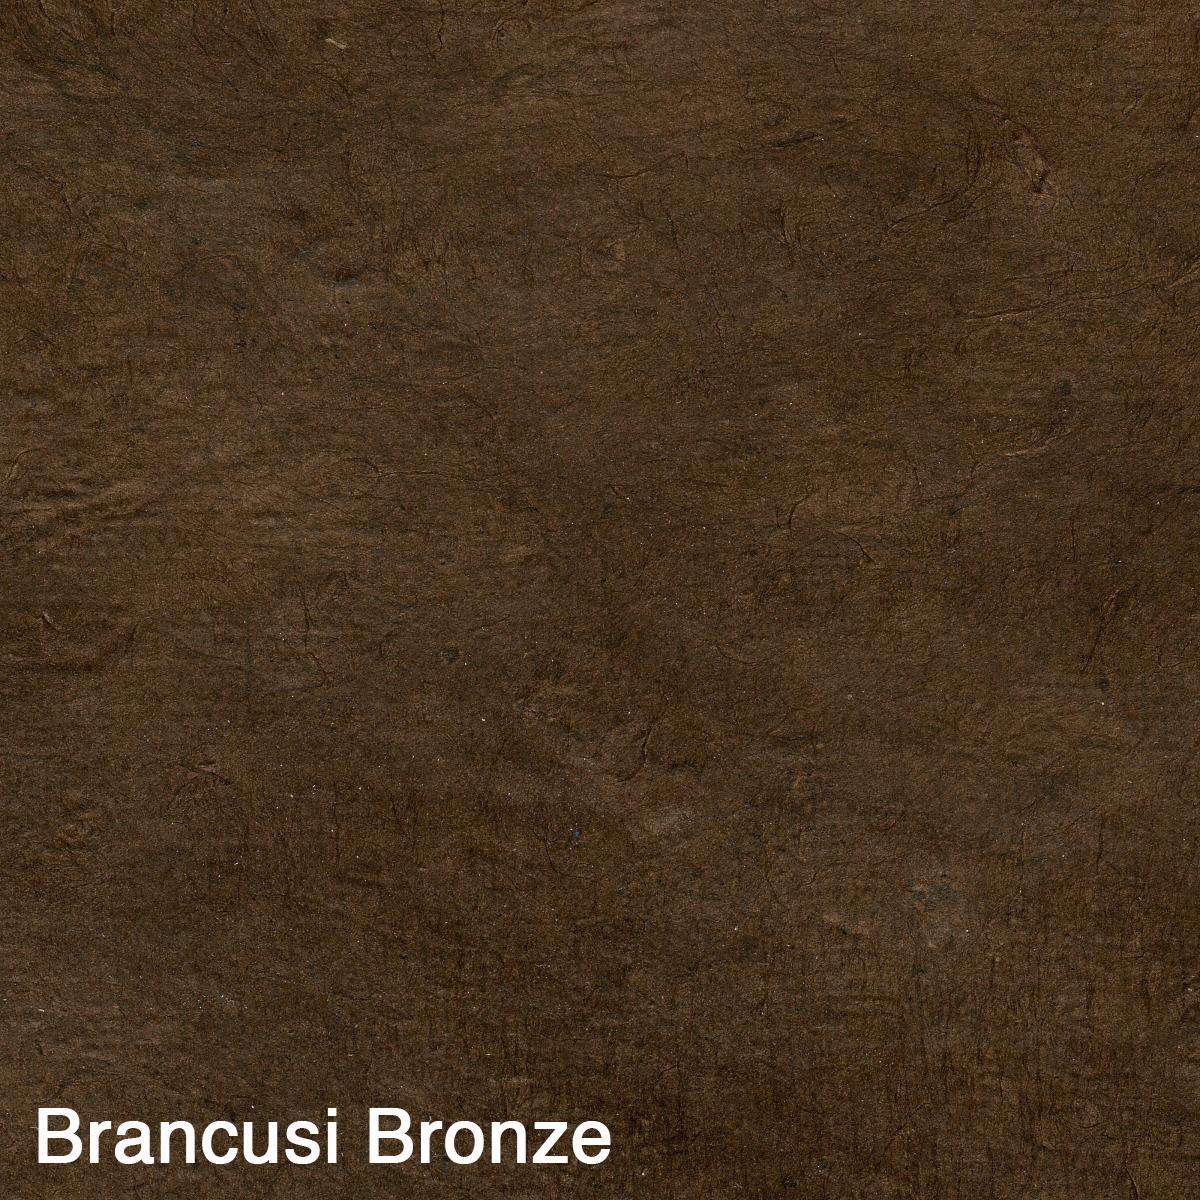 Brancusi Bronze001.jpg